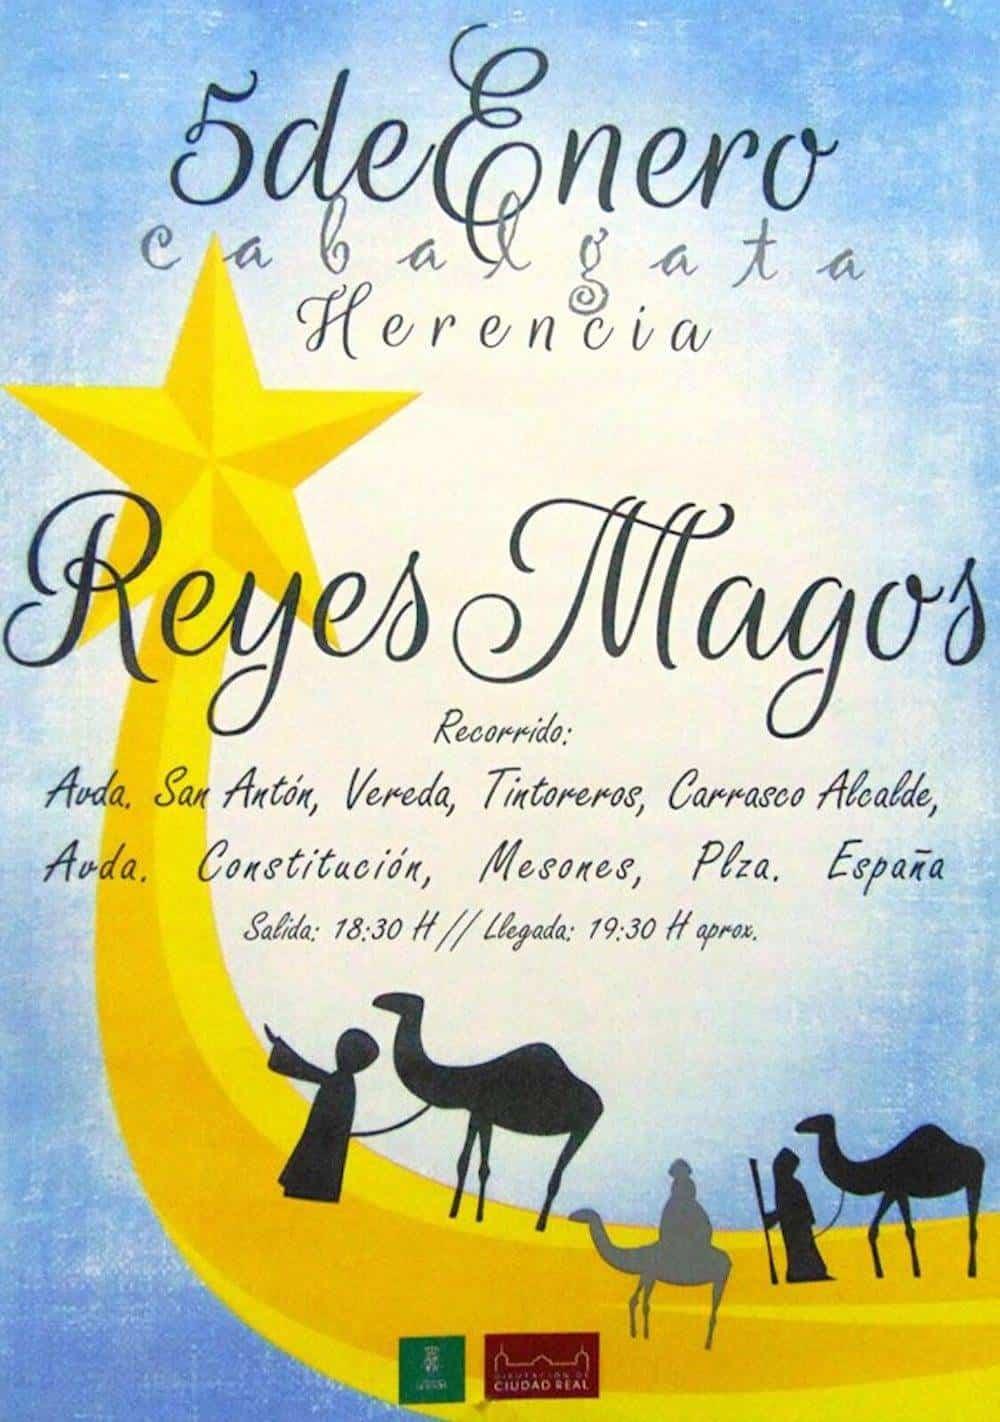 La Cabalgata de los Reyes Magos recorrerá Herencia 1